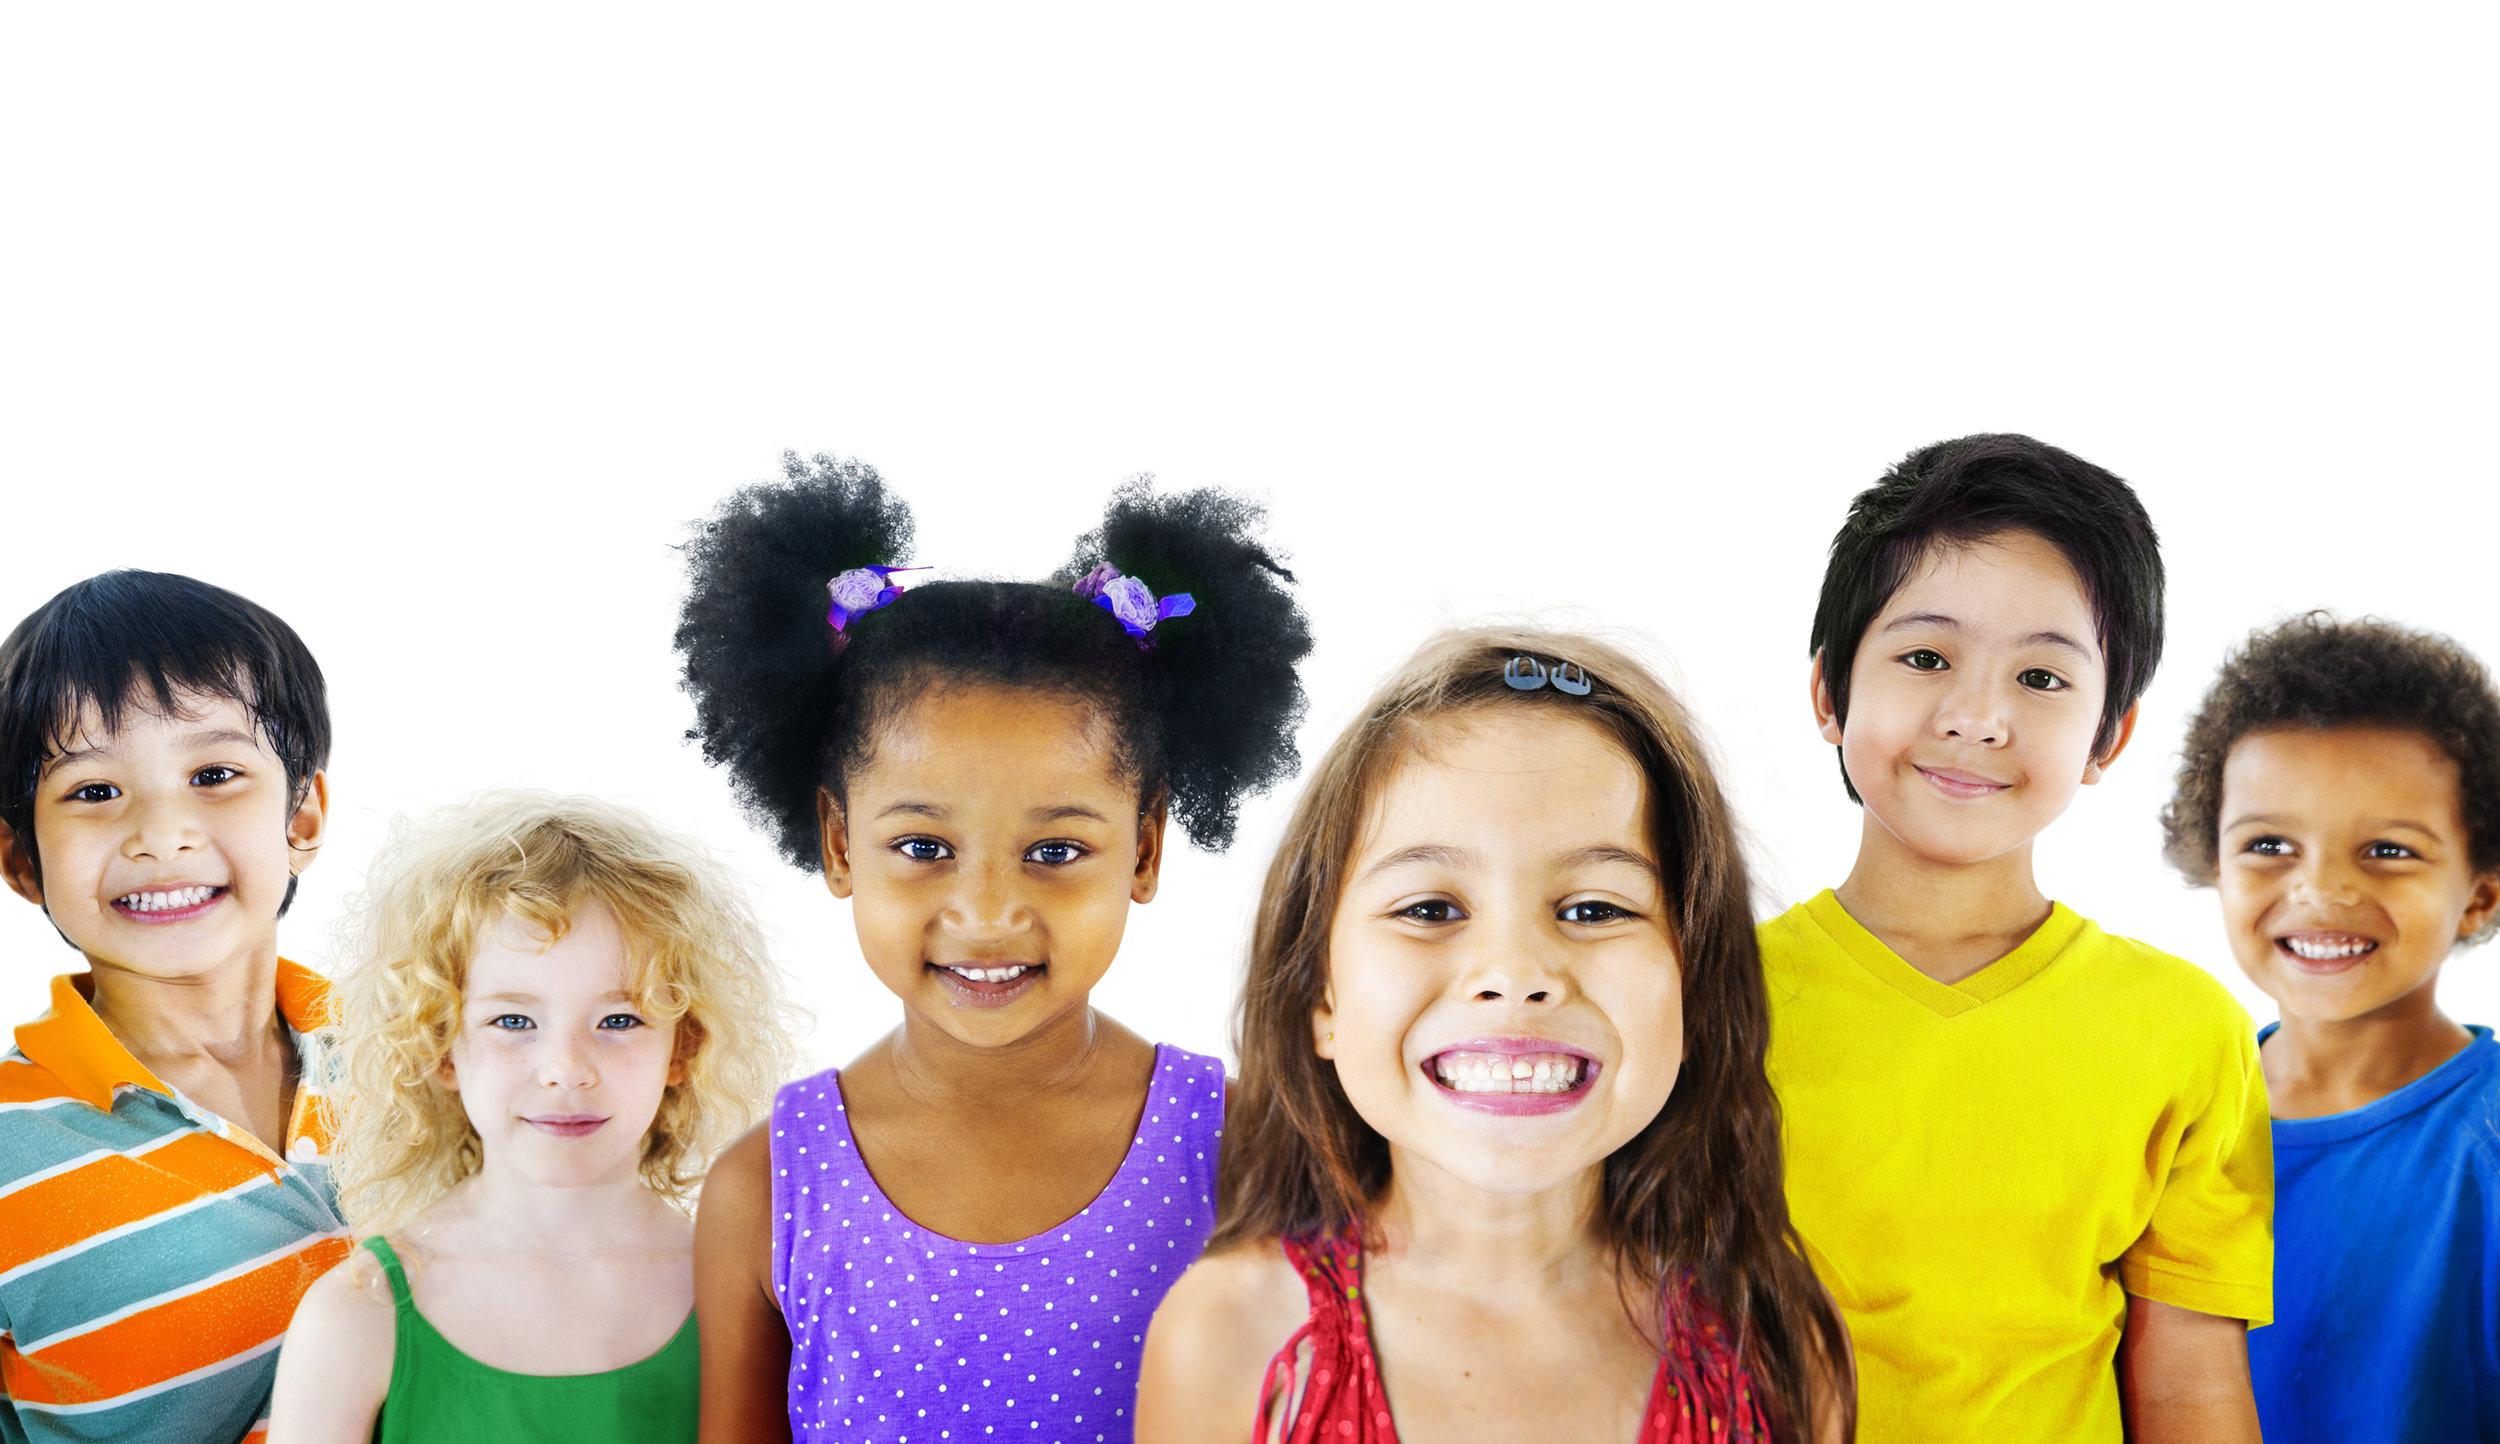 Diverse-group-of-children.jpg